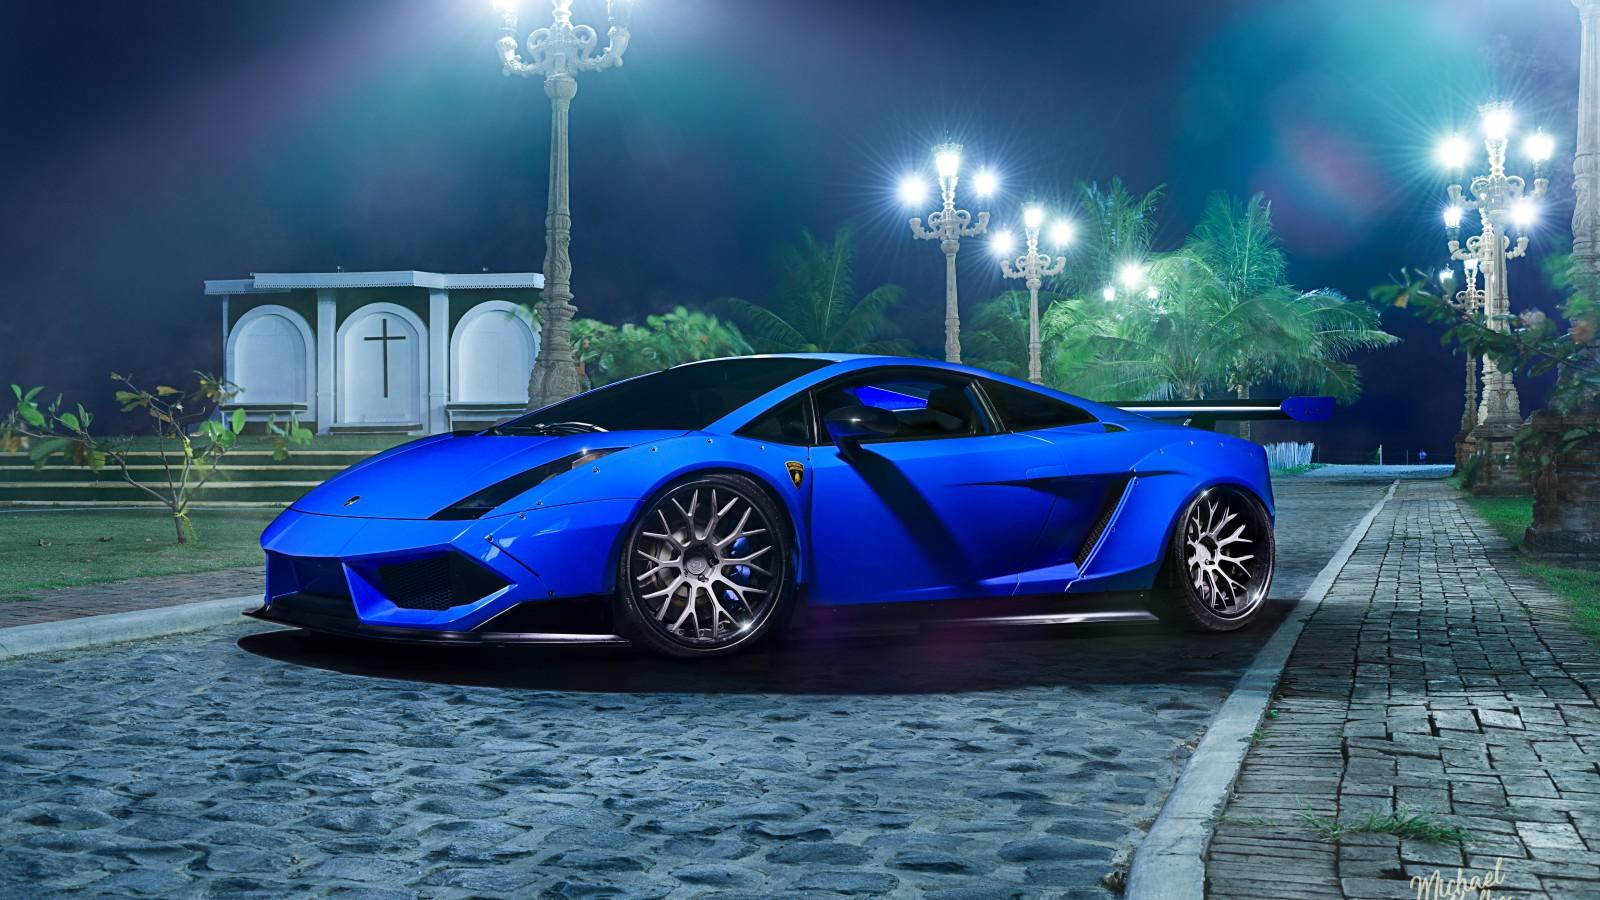 Lamborghini Gallardo 4k 8k Wallpaper Hd Car Wallpapers